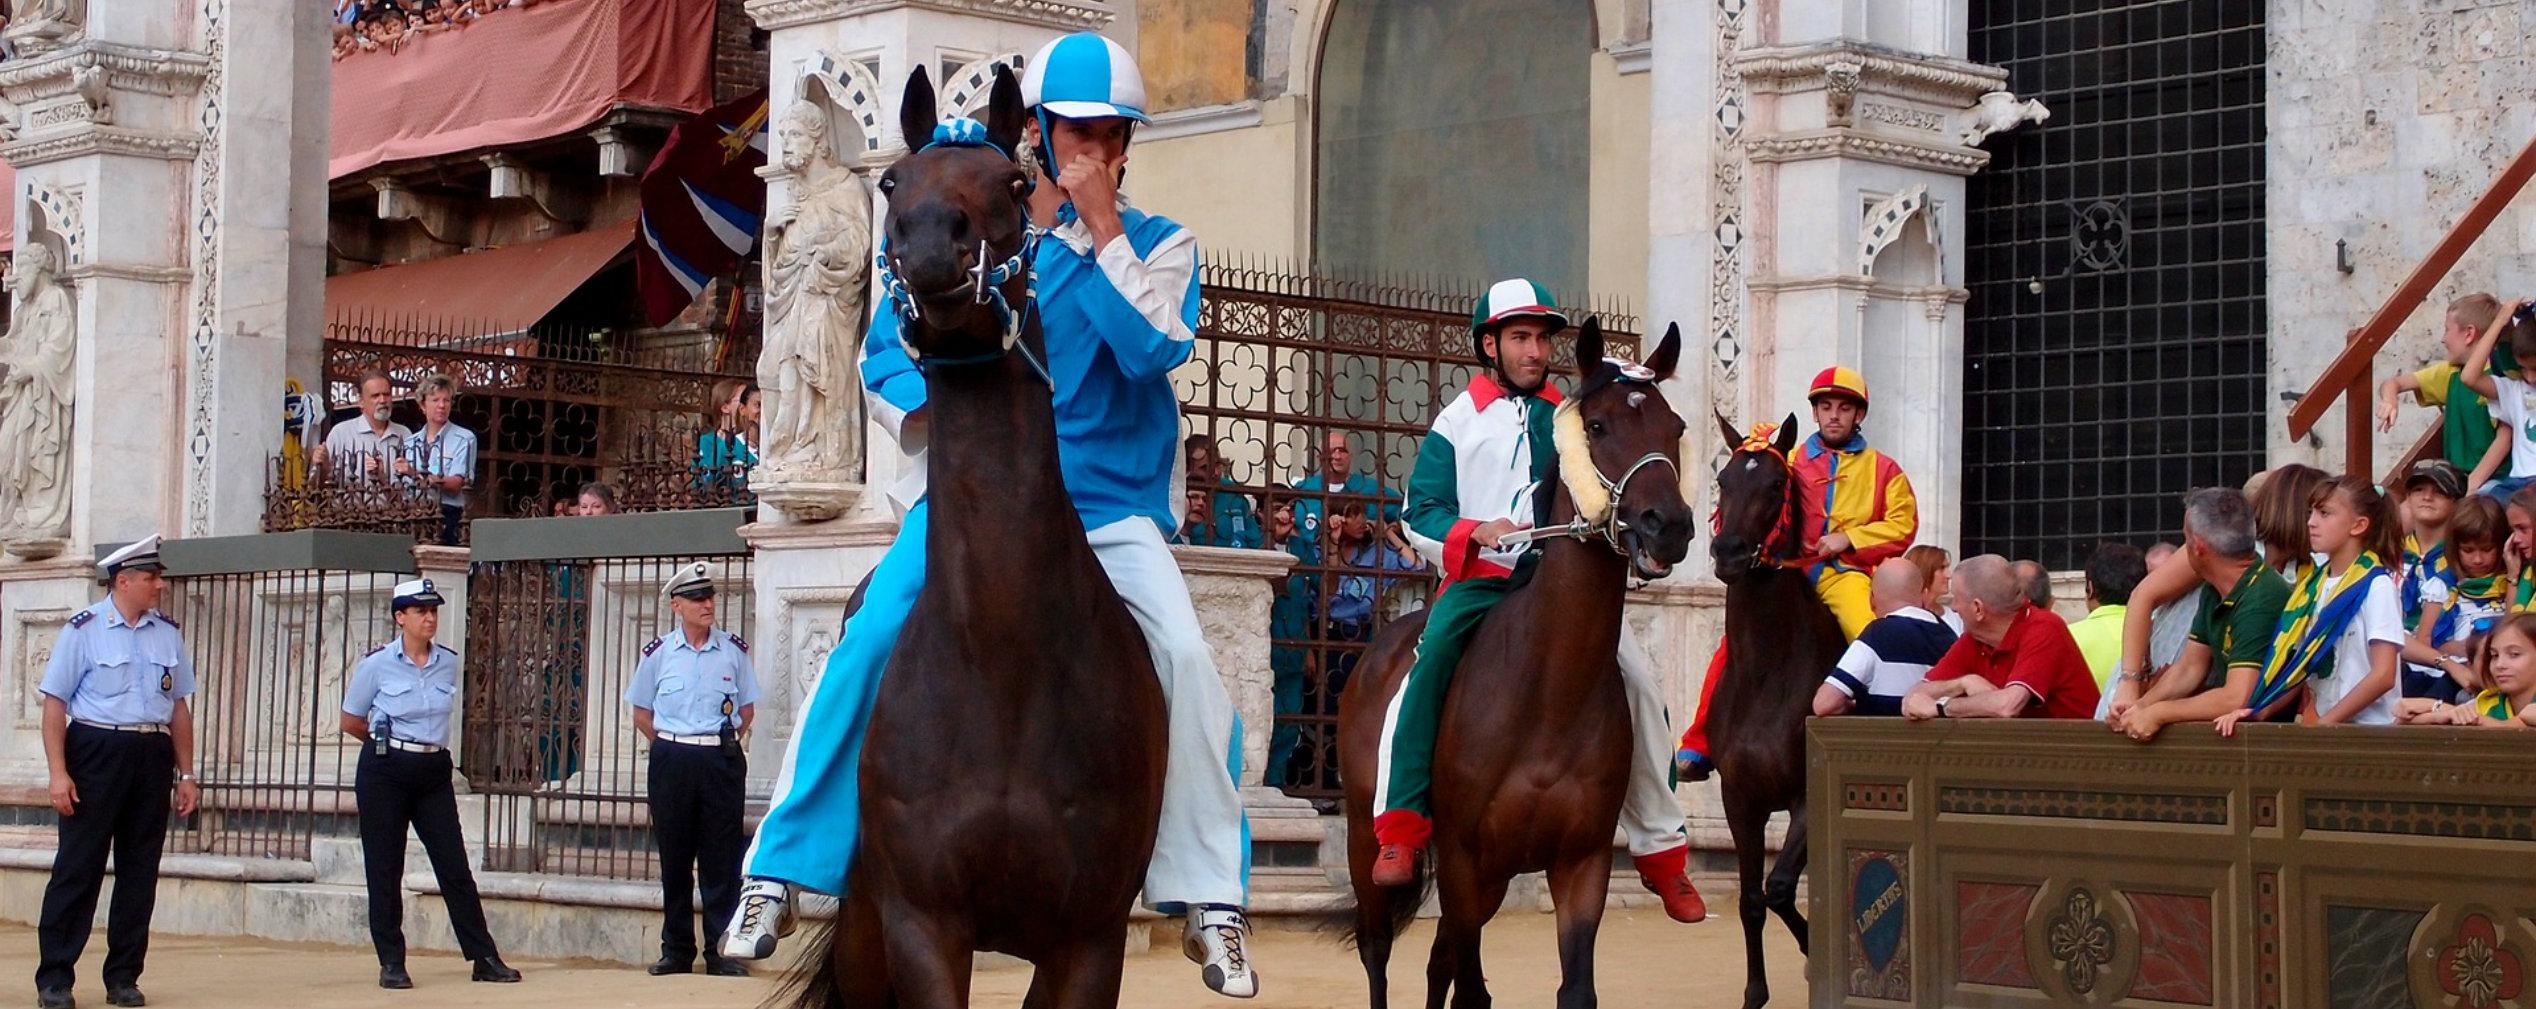 Pferderennen Siena Palio